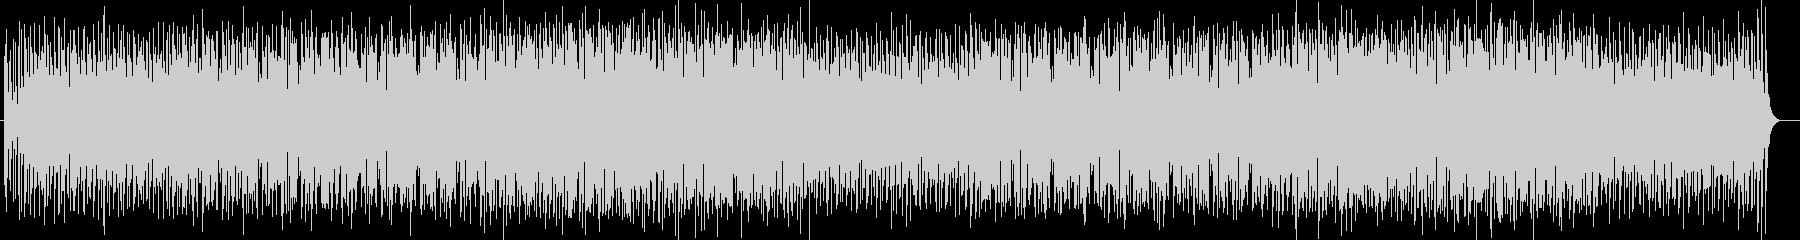 トロピカルなシンセサイザーなどのサウンドの未再生の波形